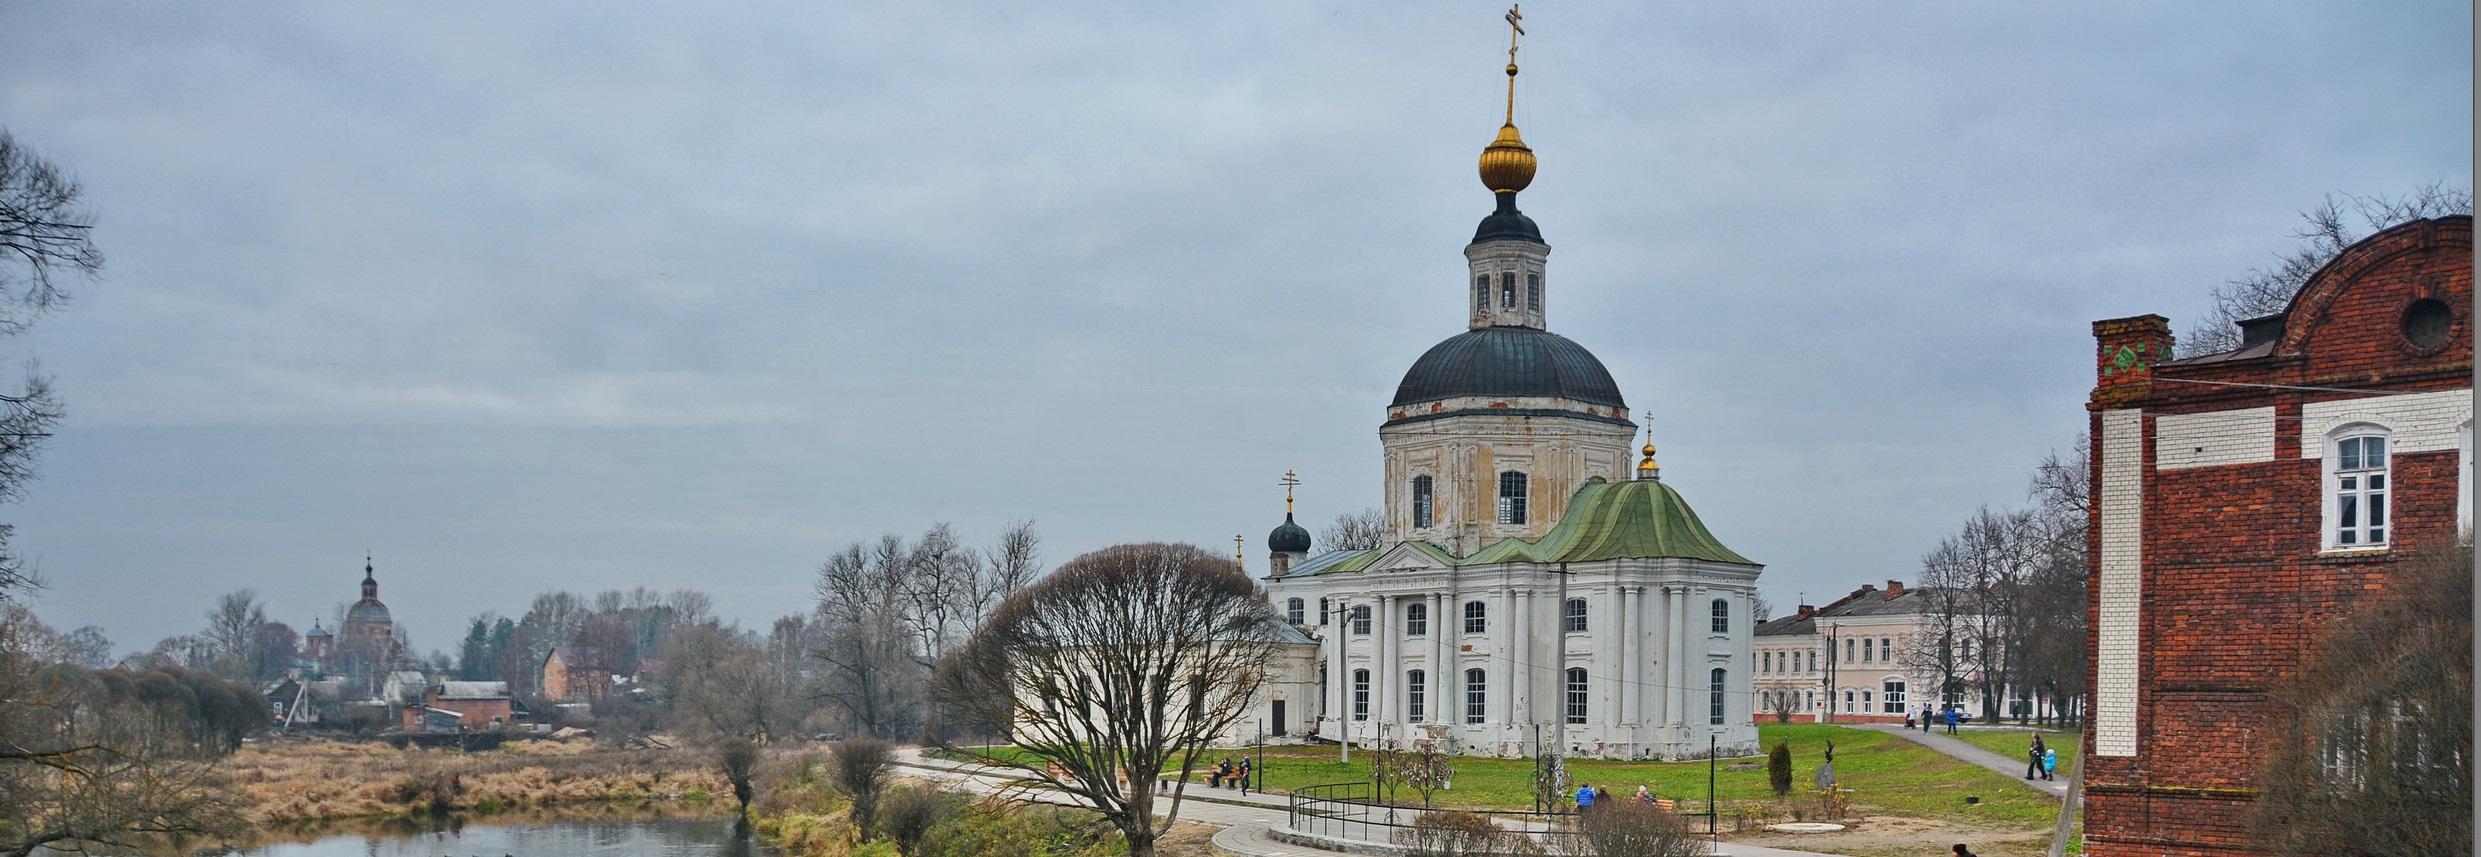 Грузоперевозки из Вязьмы в Москву